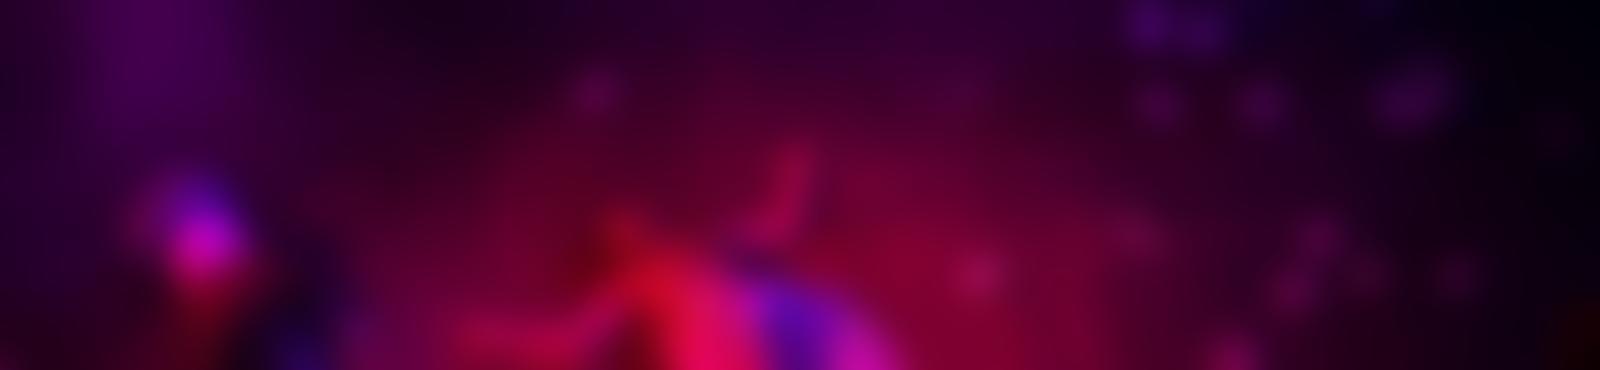 Blurred e8509a42 613d 49a6 b412 32f07b7e80fb